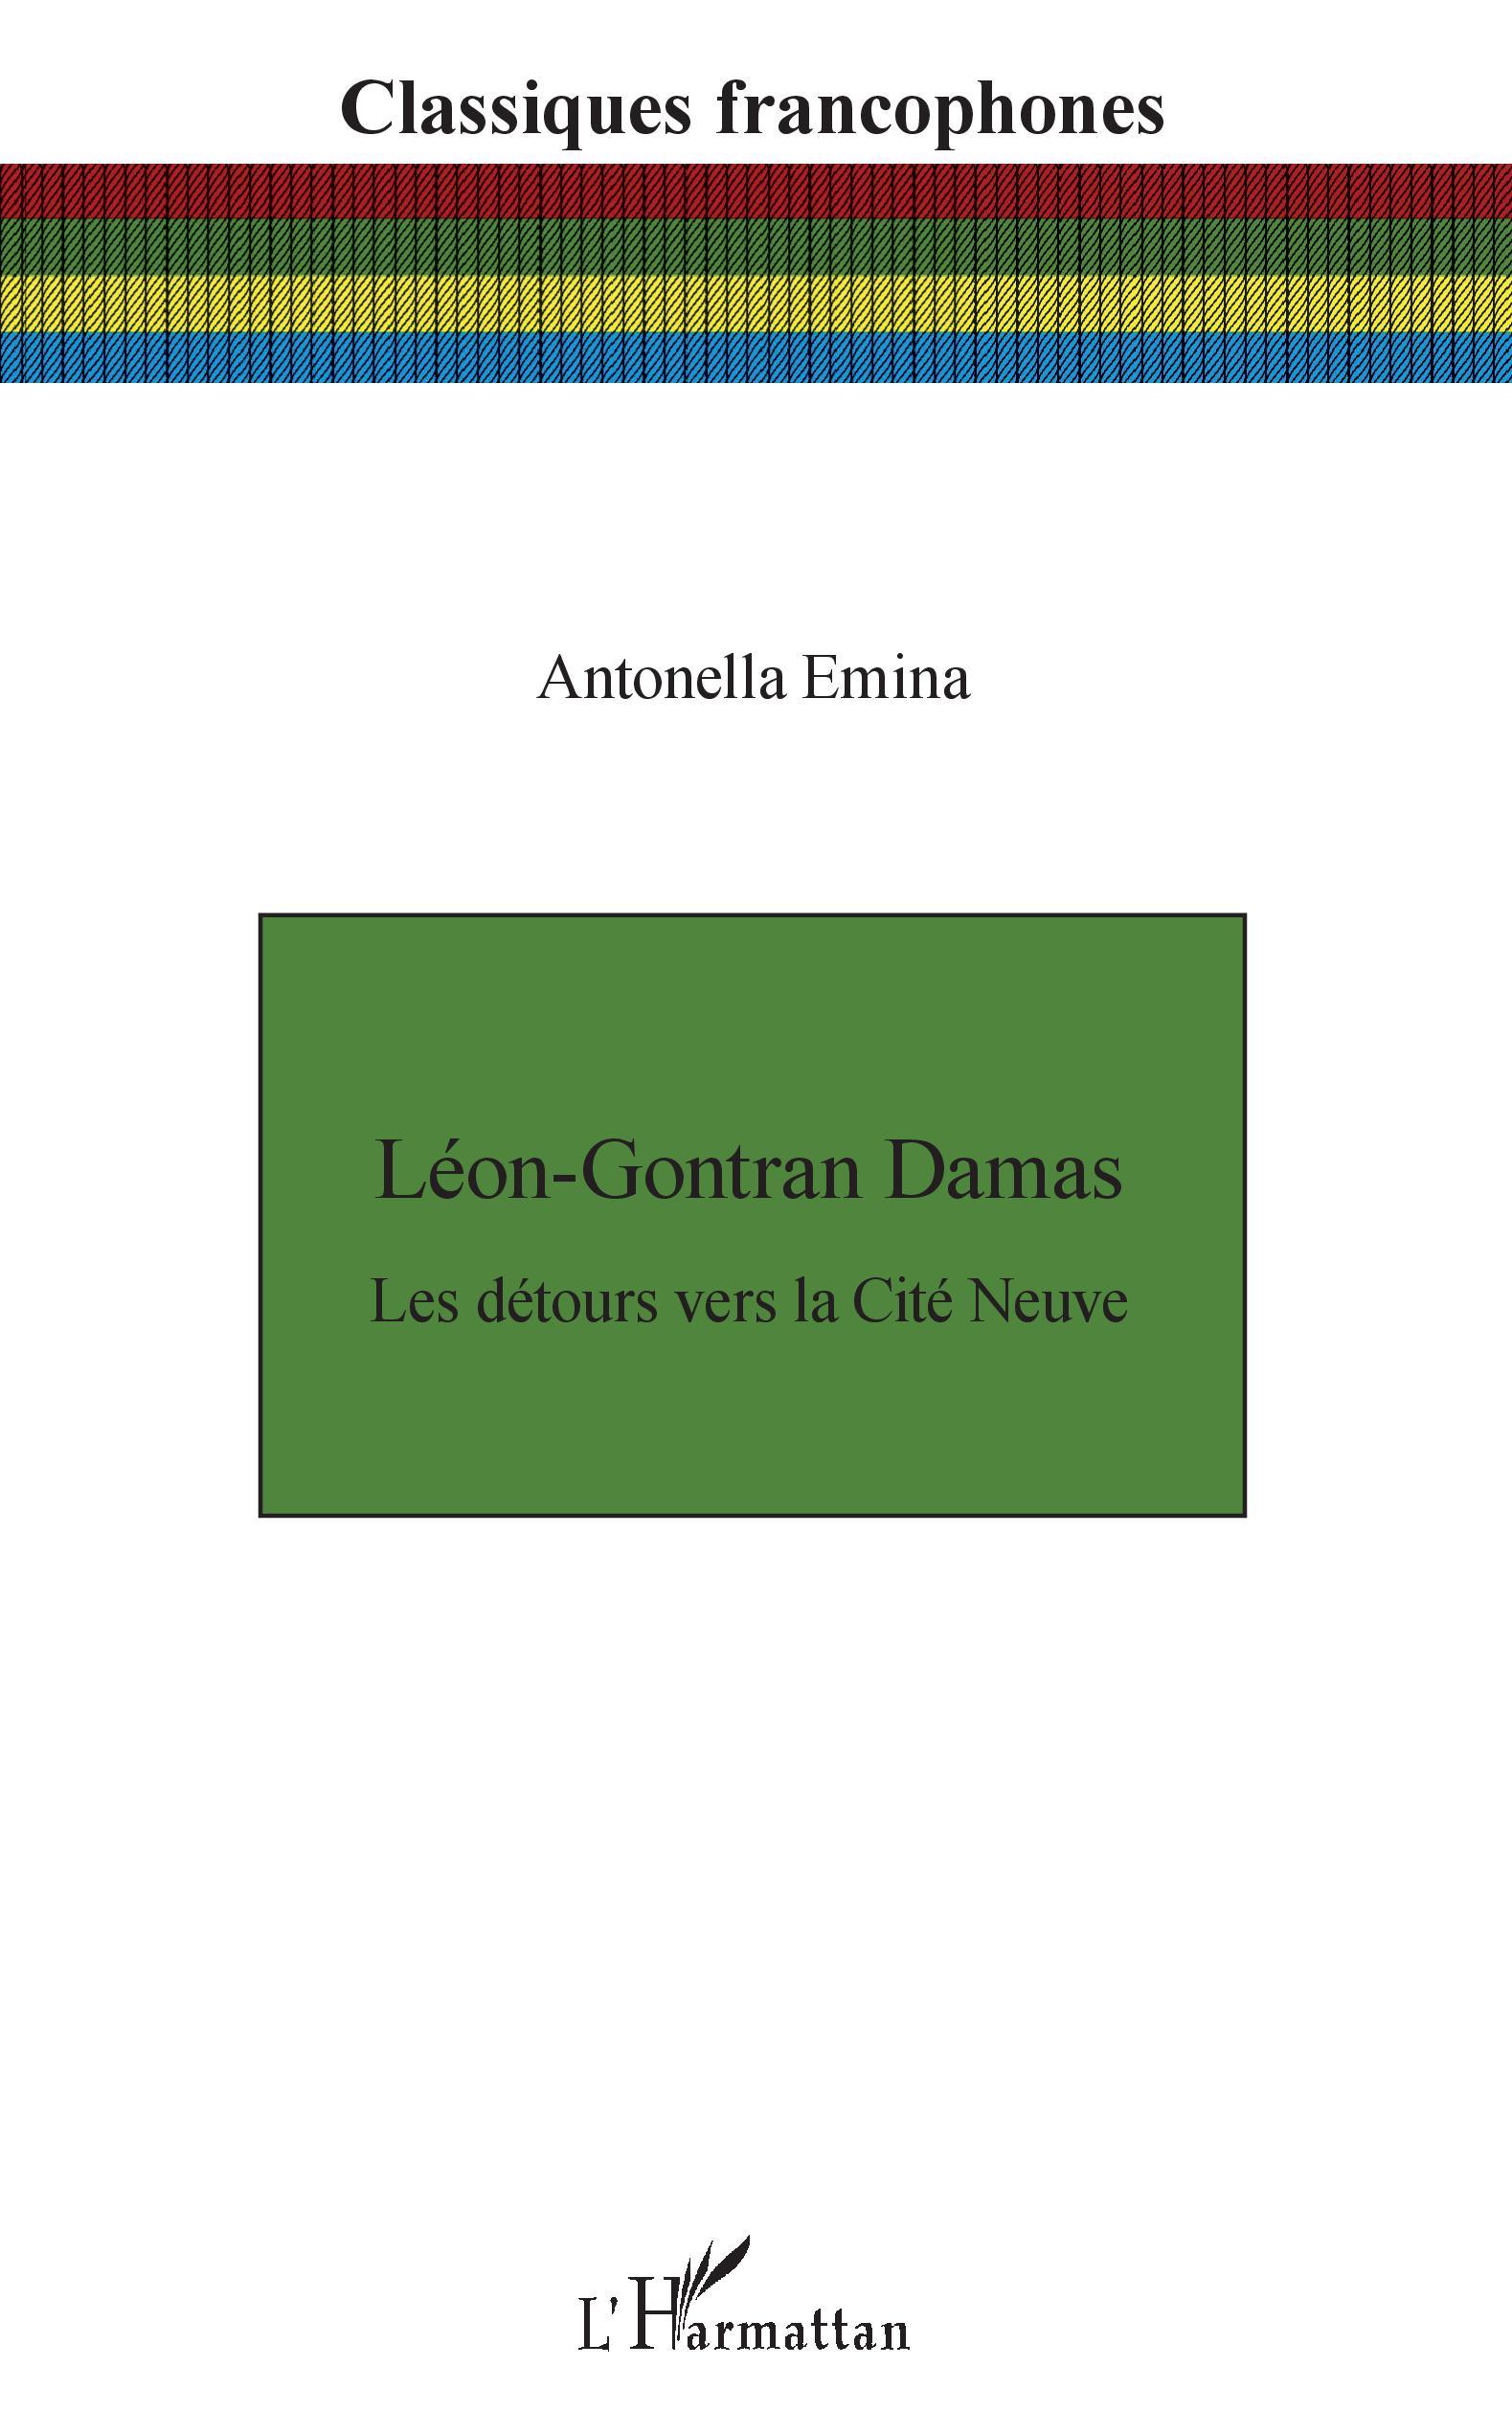 A. Emina, Léon-Gontran Damas Les détours vers la Cité Neuve